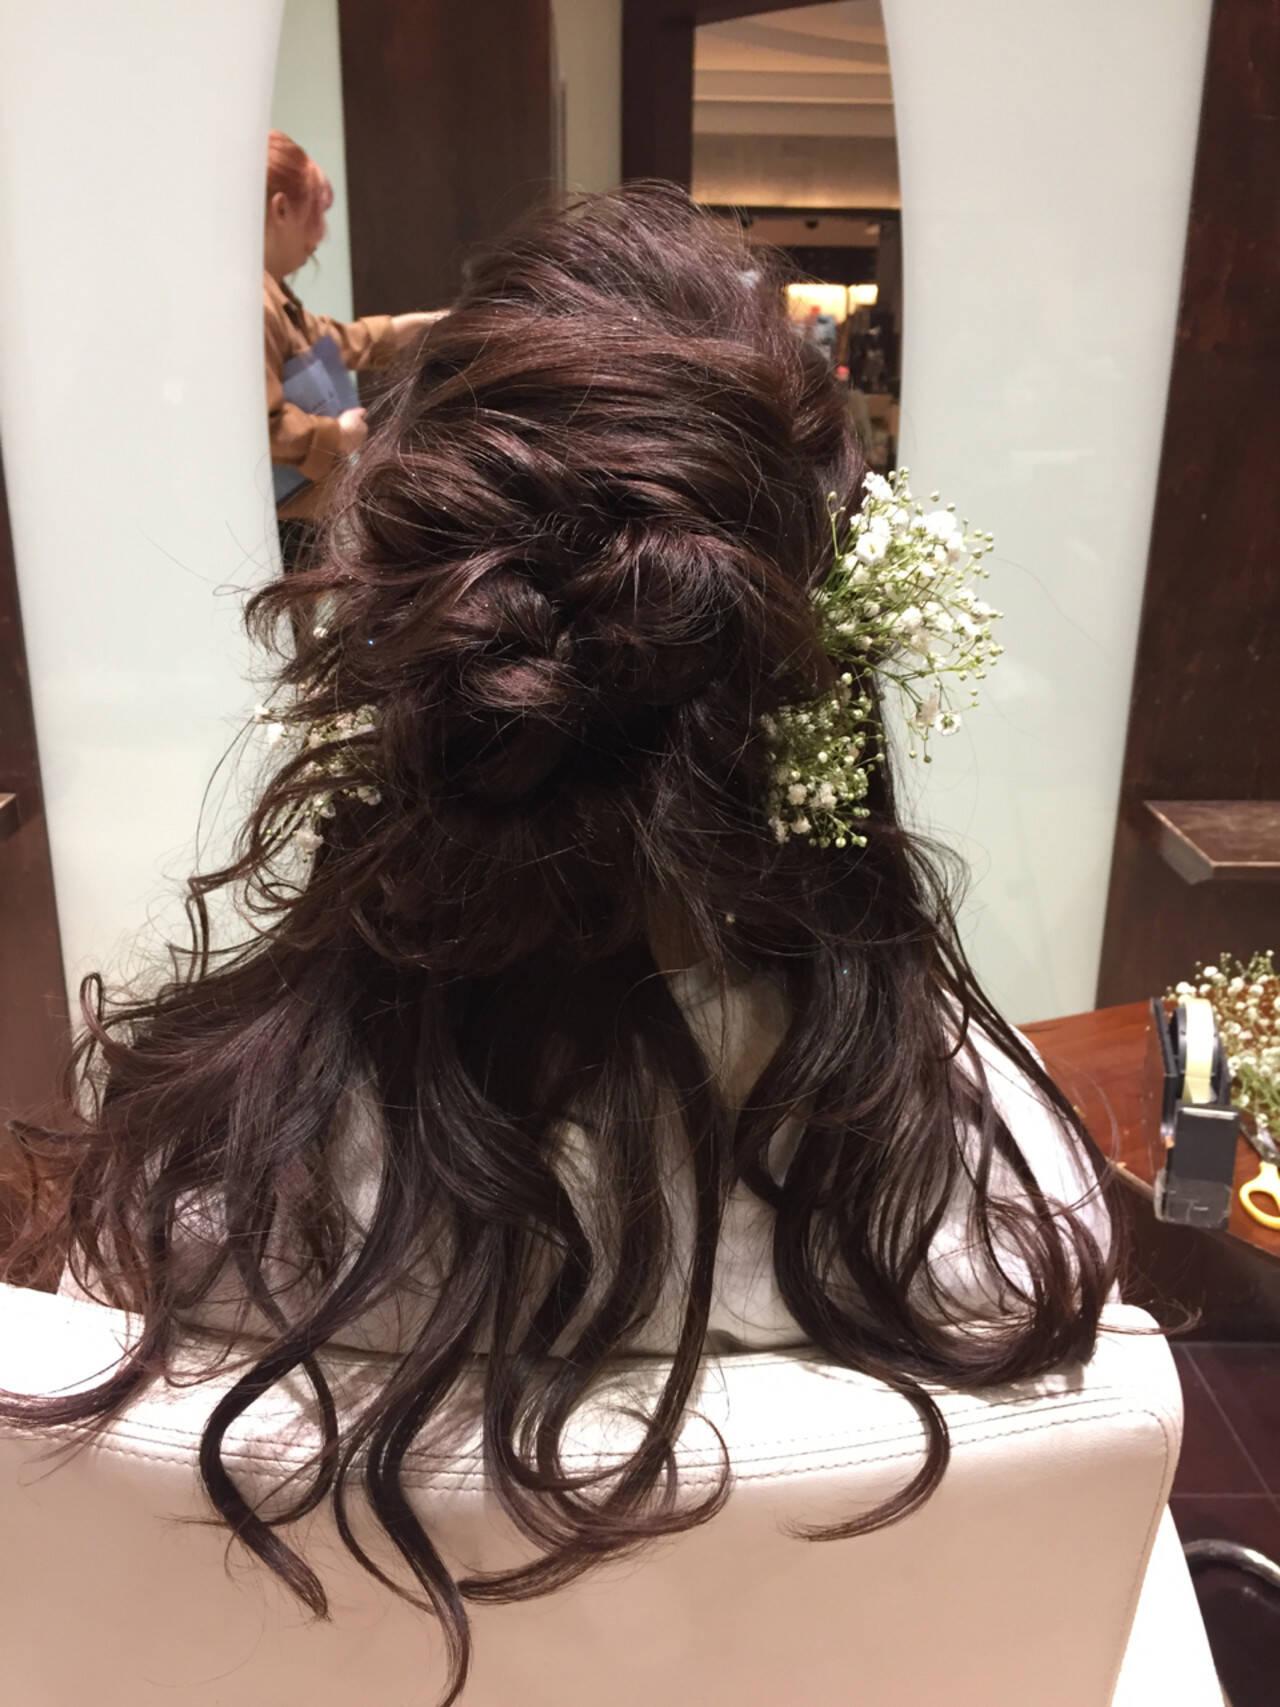 ナチュラル ヘアアレンジ 花 セミロングヘアスタイルや髪型の写真・画像